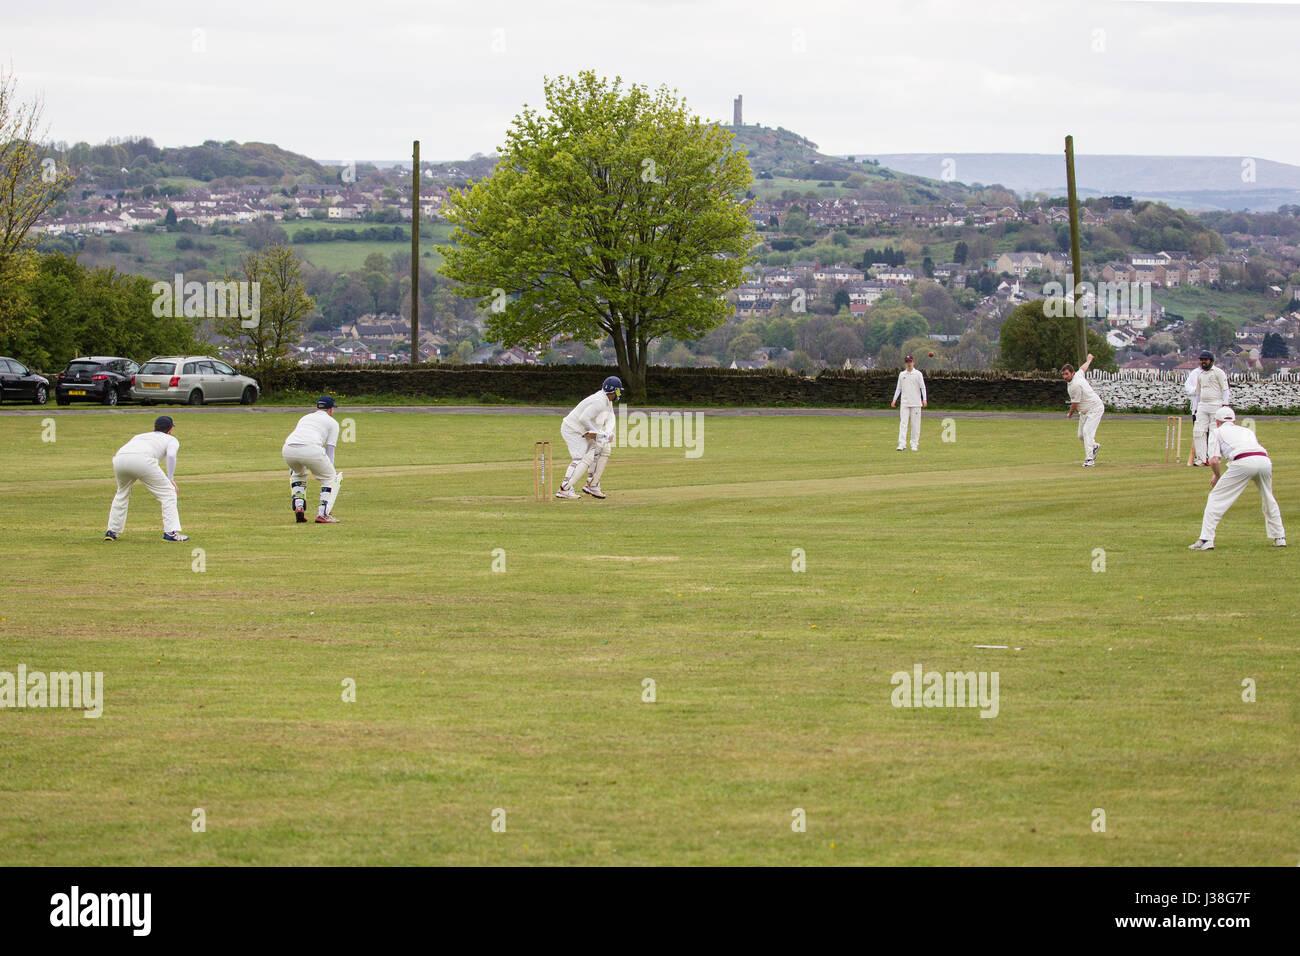 a village cricket match a g macdonell